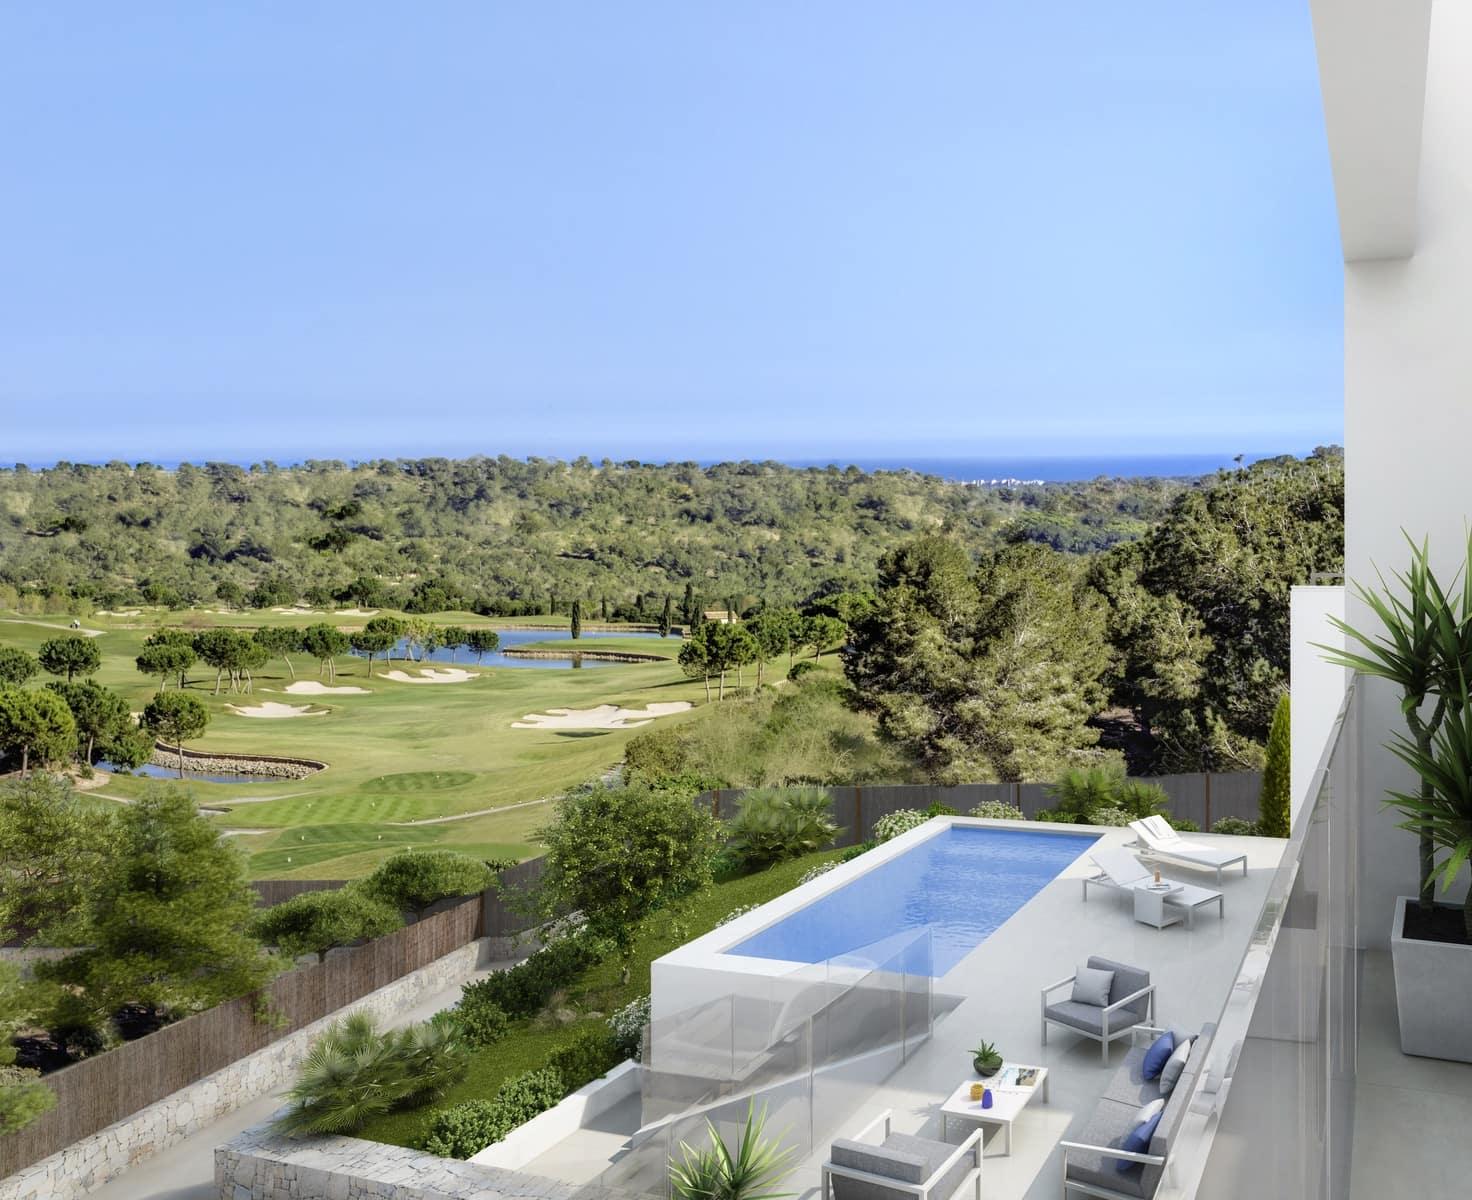 Chalet de 3 habitaciones en Las Colinas Golf en venta - 650.000 € (Ref: 4184134)